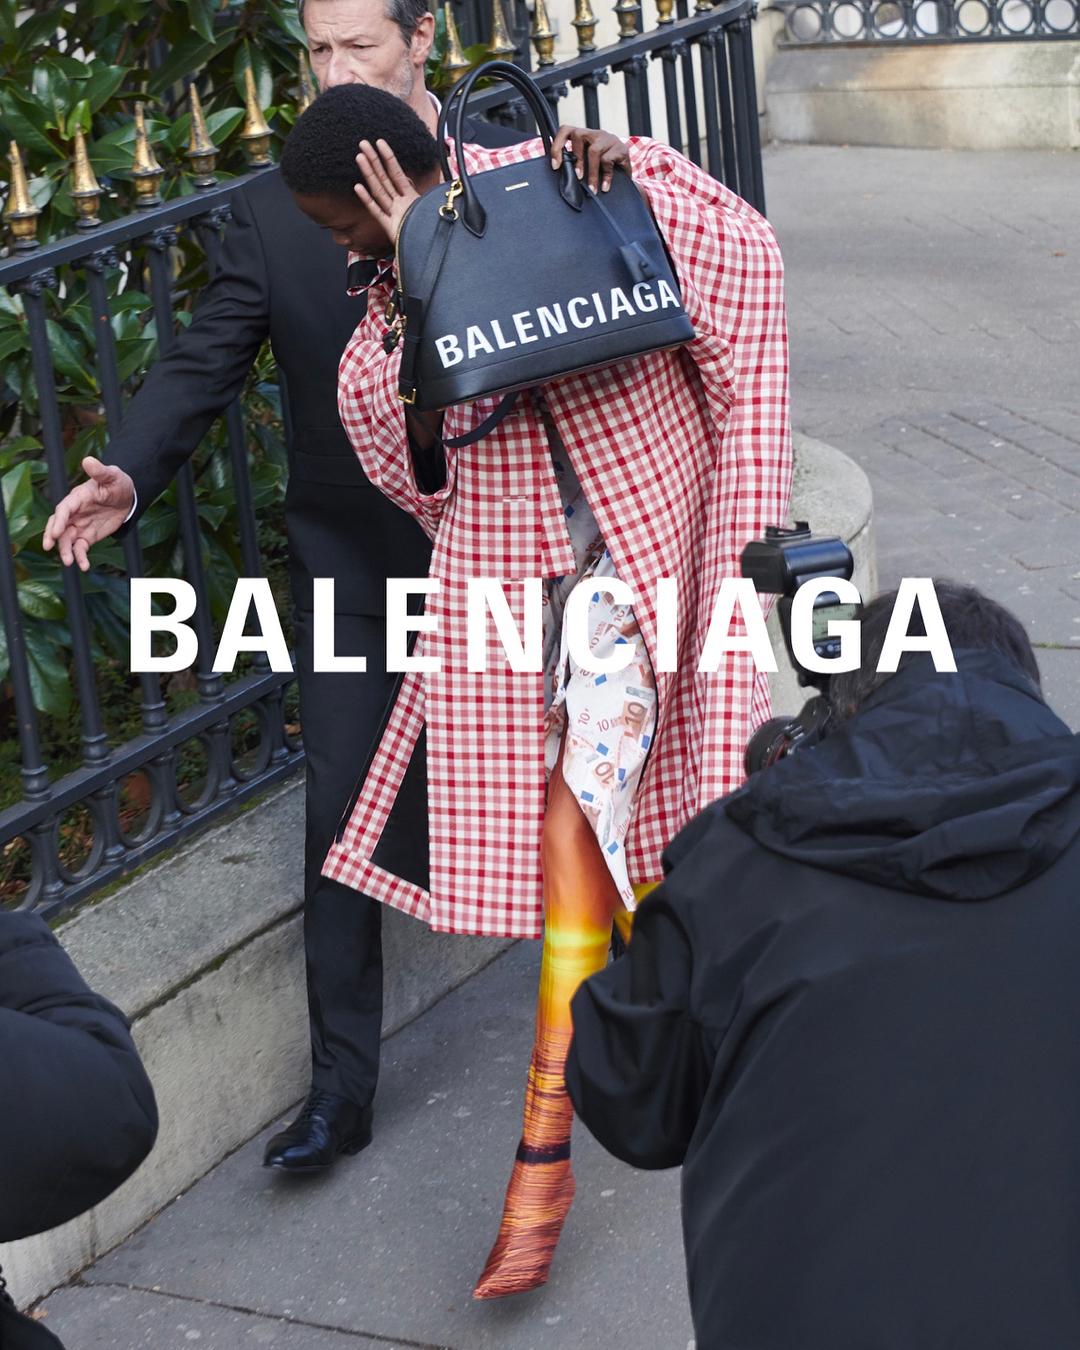 Photo courtesy of Balenciaga